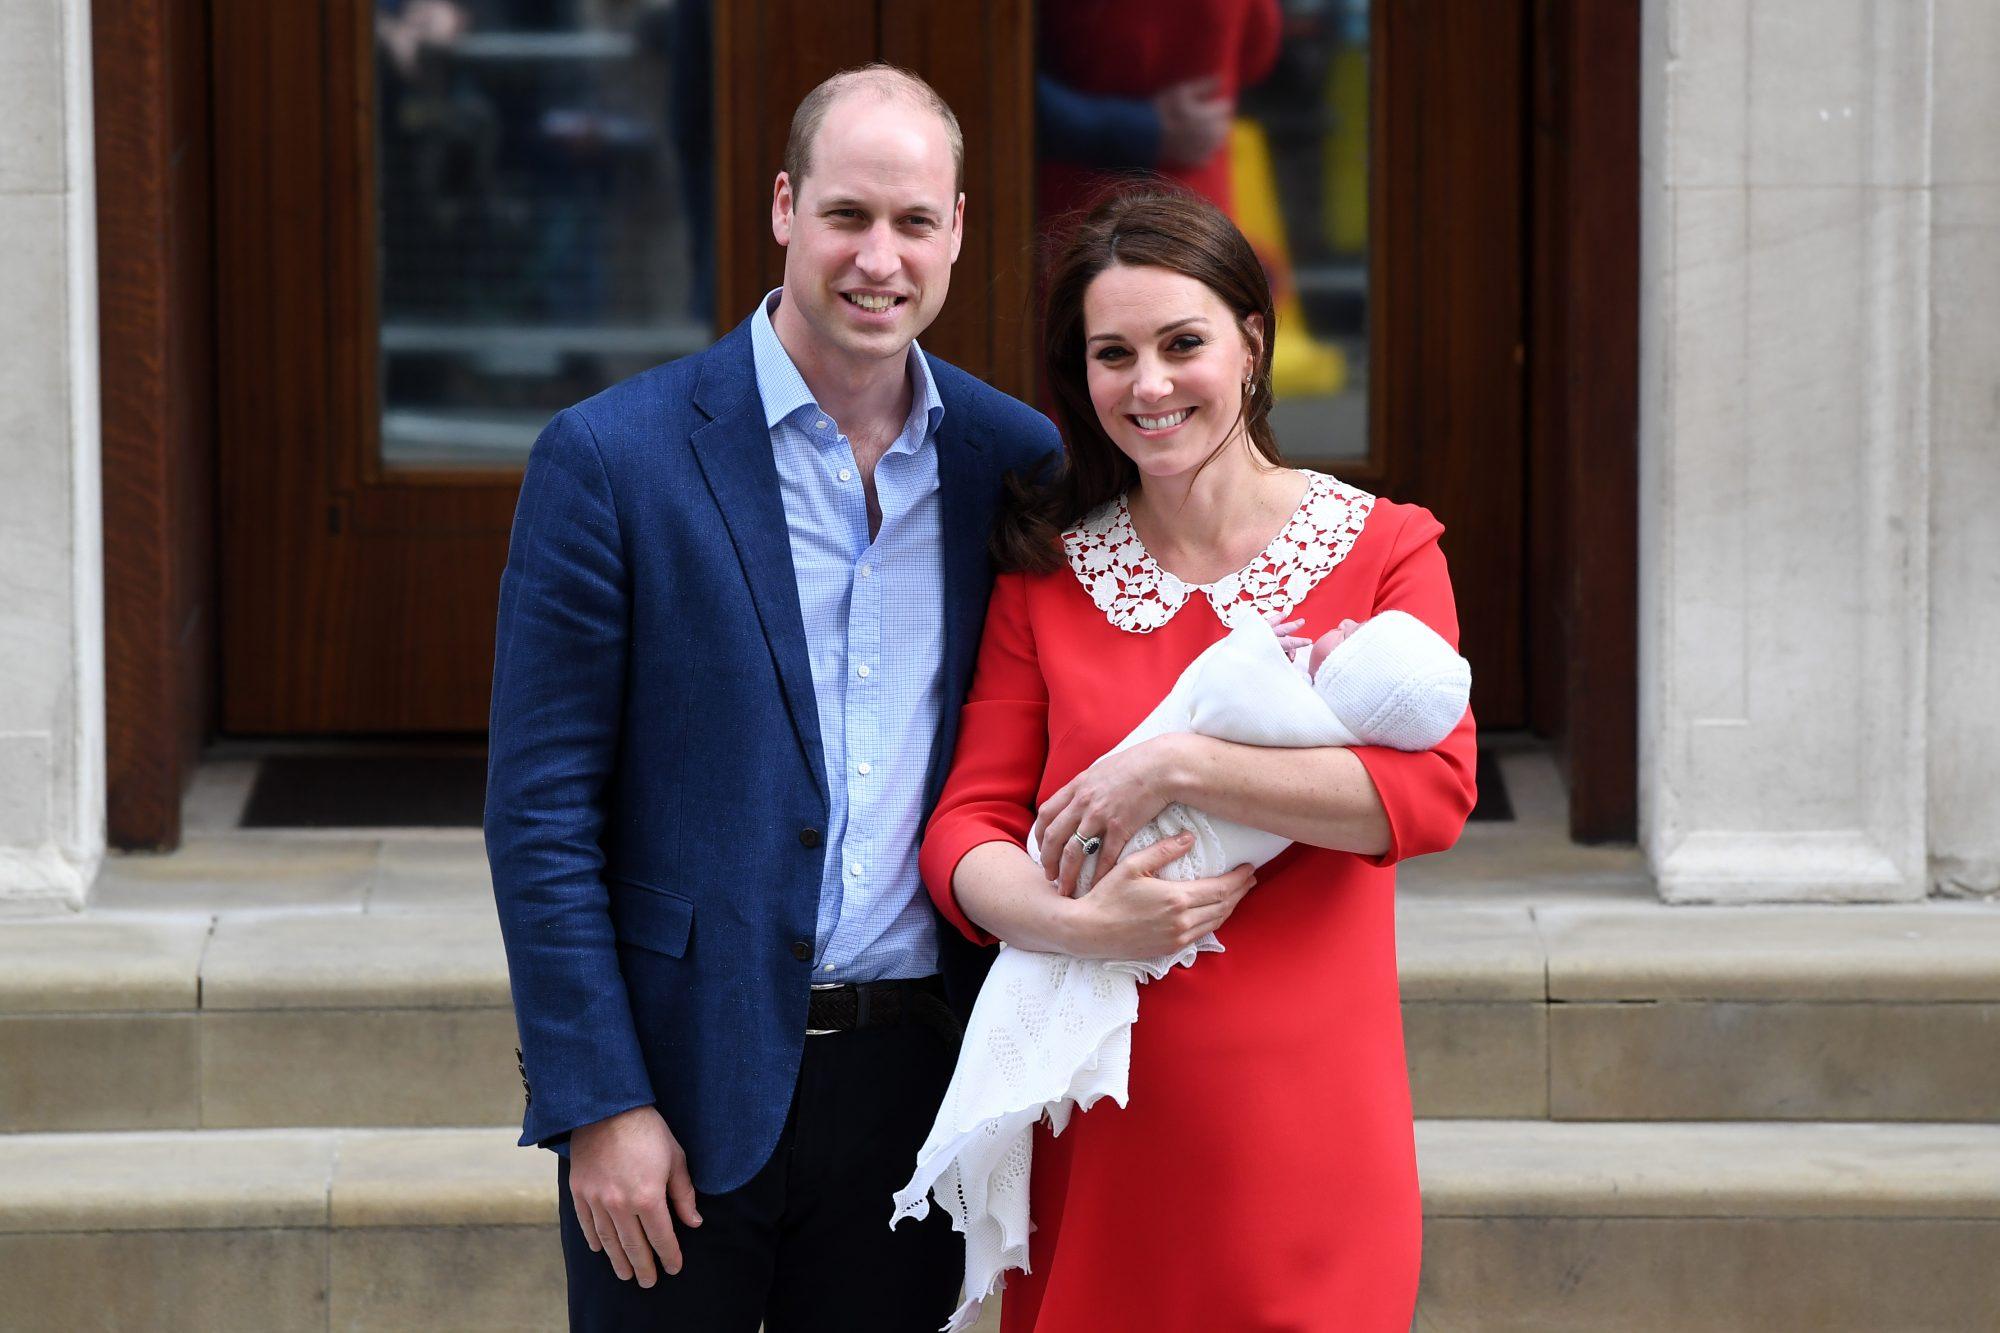 Kate-Middleton-royal-baby.jpg